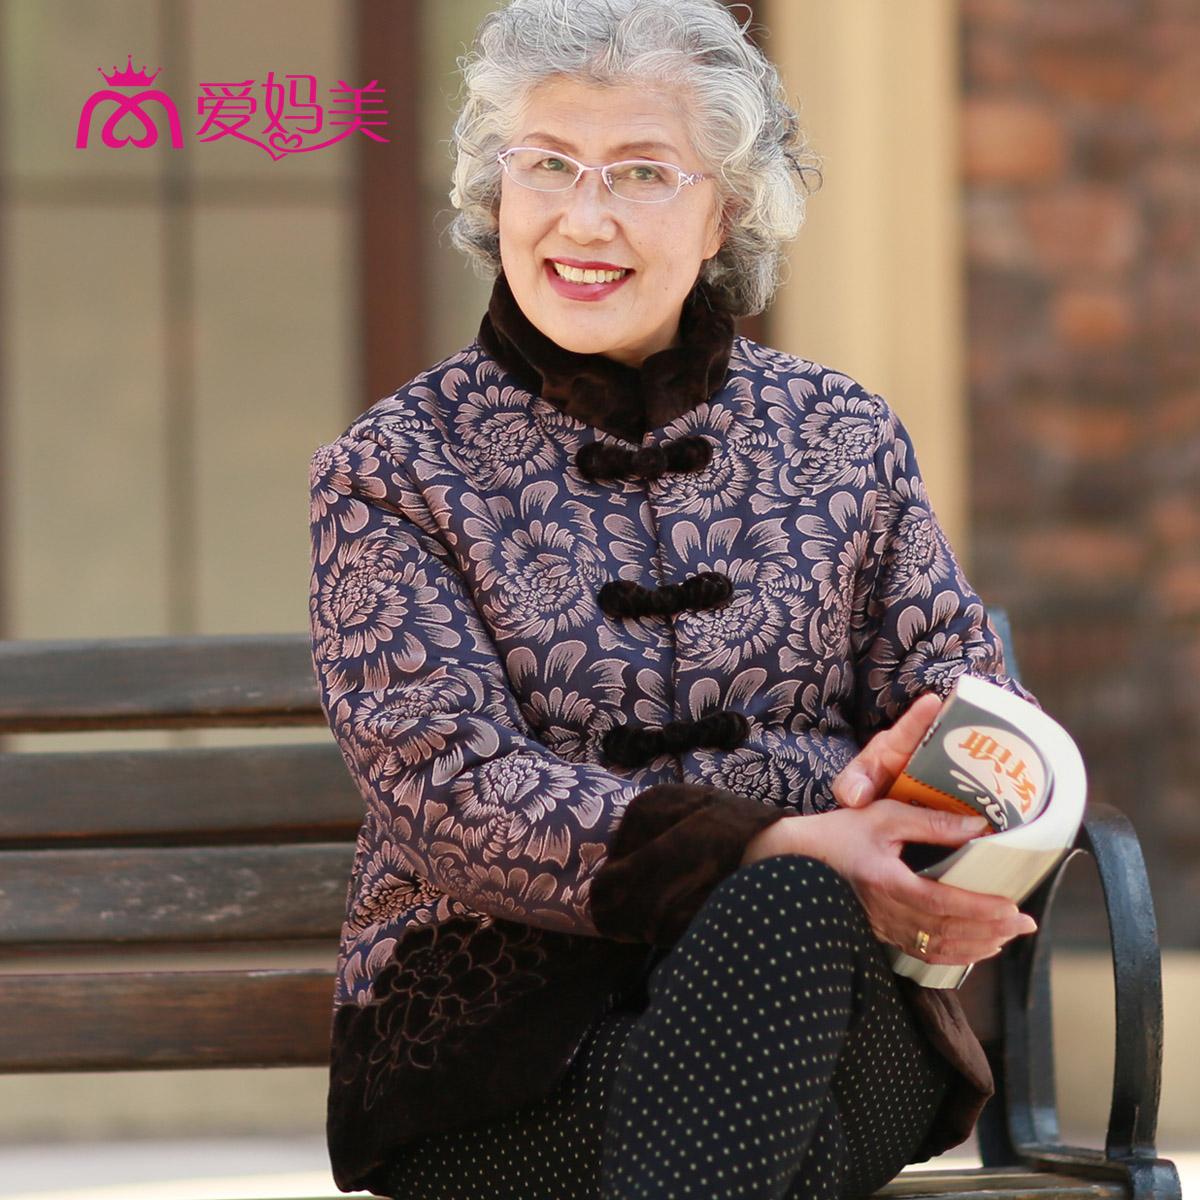 爱妈美新款冬装棉衣中老年女装妈妈装棉服时尚立领绣花棉衣B847